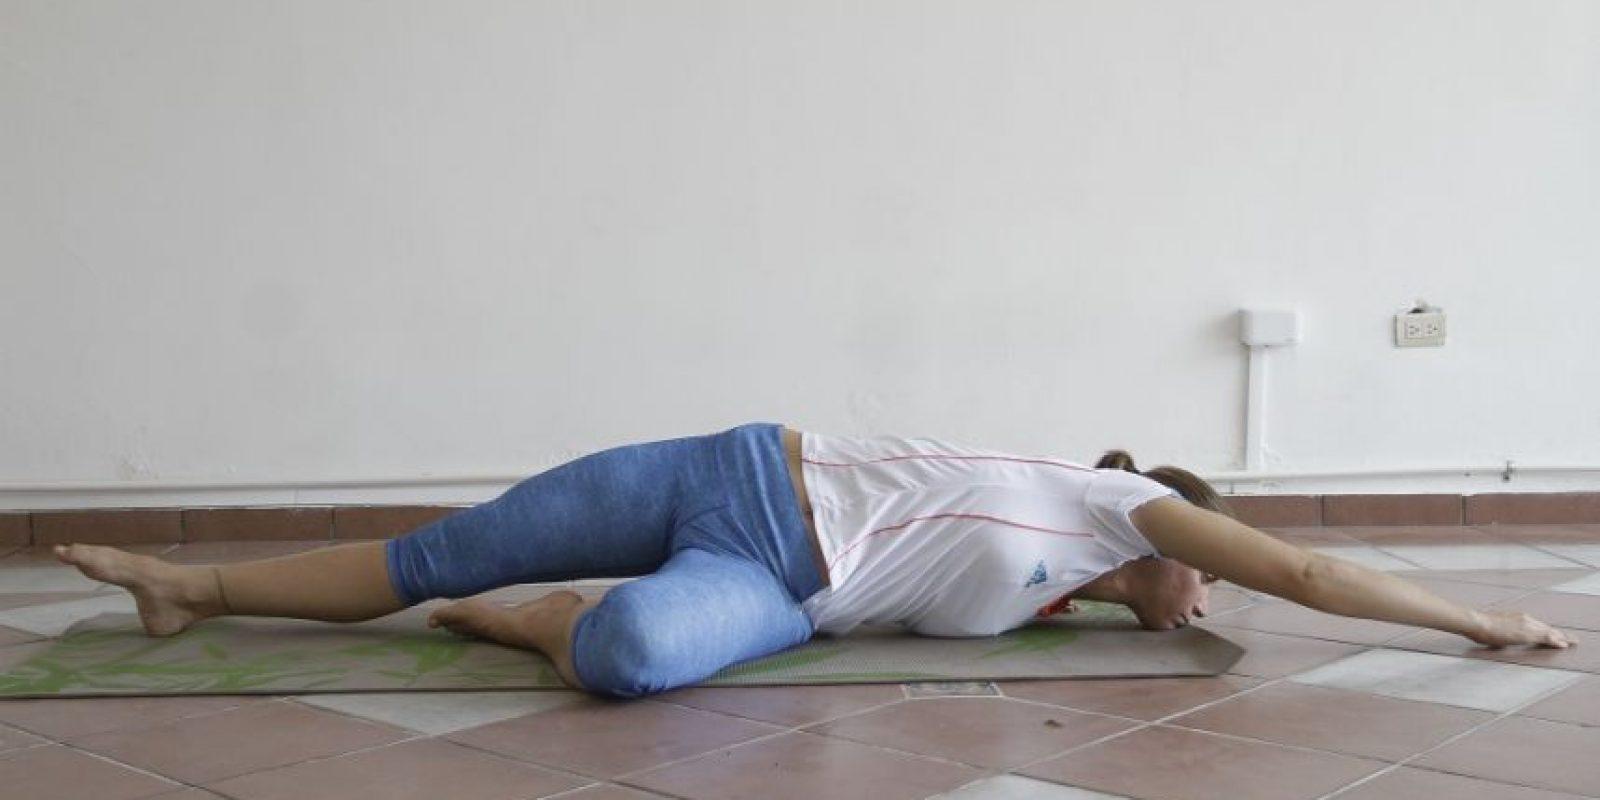 6- Bajando los brazos, hacemos el twist final recostados al piso, llevando lo más lejos que podamos el brazo derecho. Foto:Roberto Guzmán